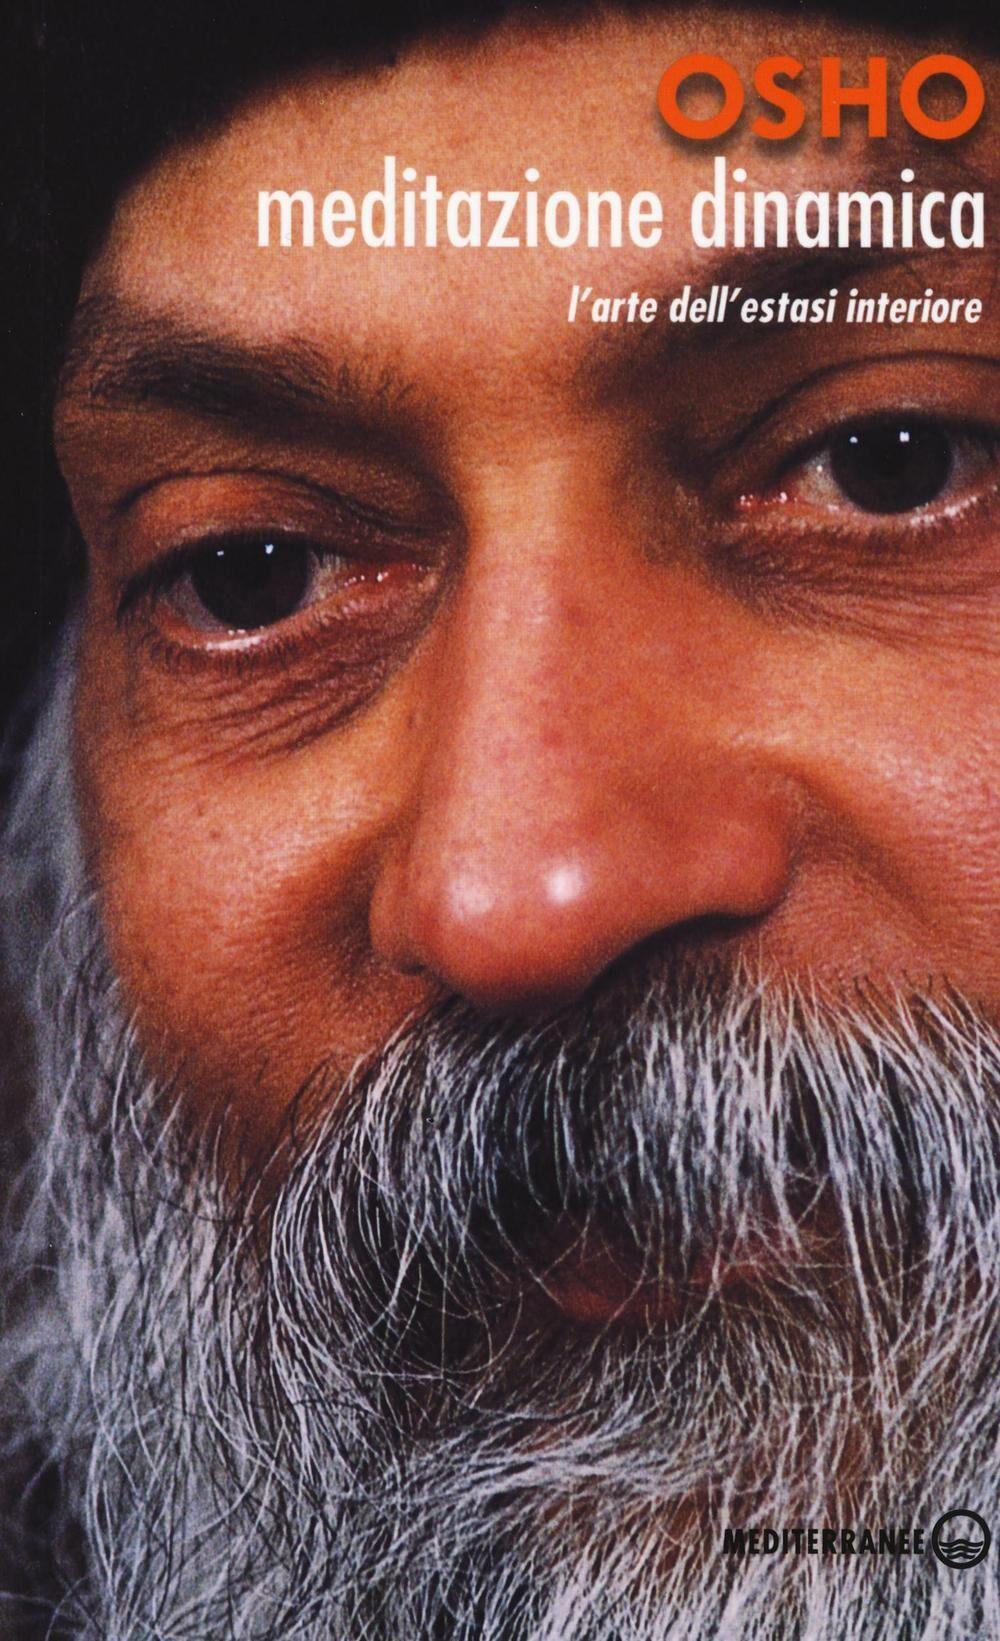 Meditazione dinamica. L'arte dell'estasi interiore